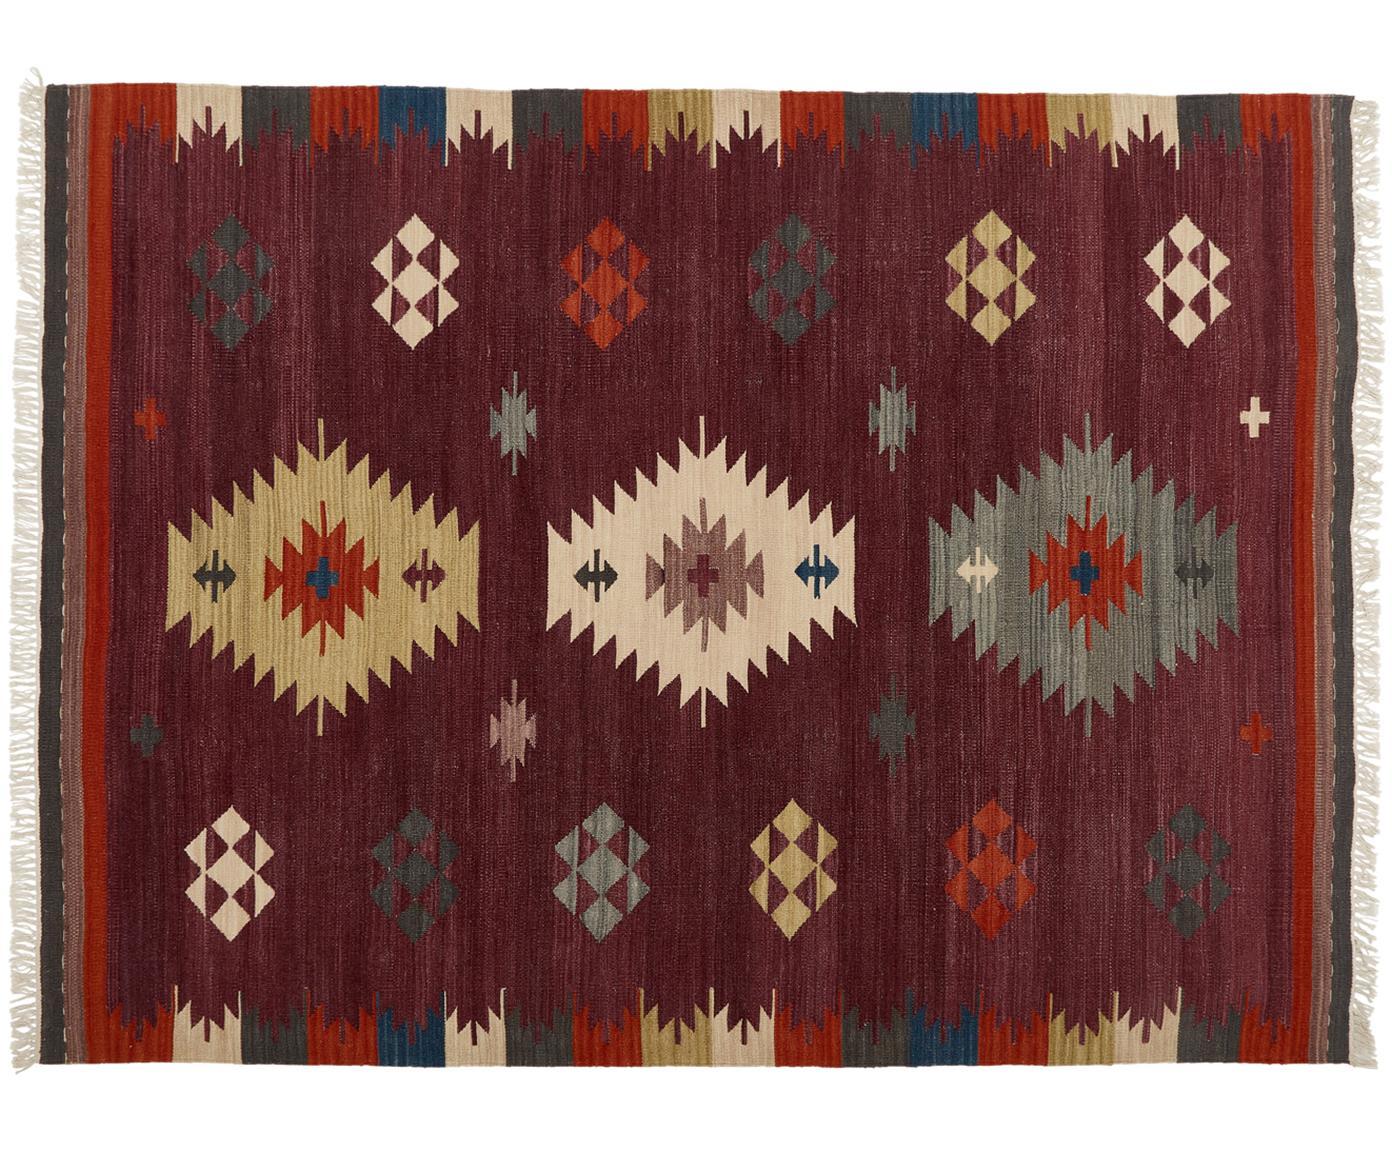 Handgeweven wollen vloerkleed Kilim, Wol, Donker lila, multicolour, 125 x 185 cm